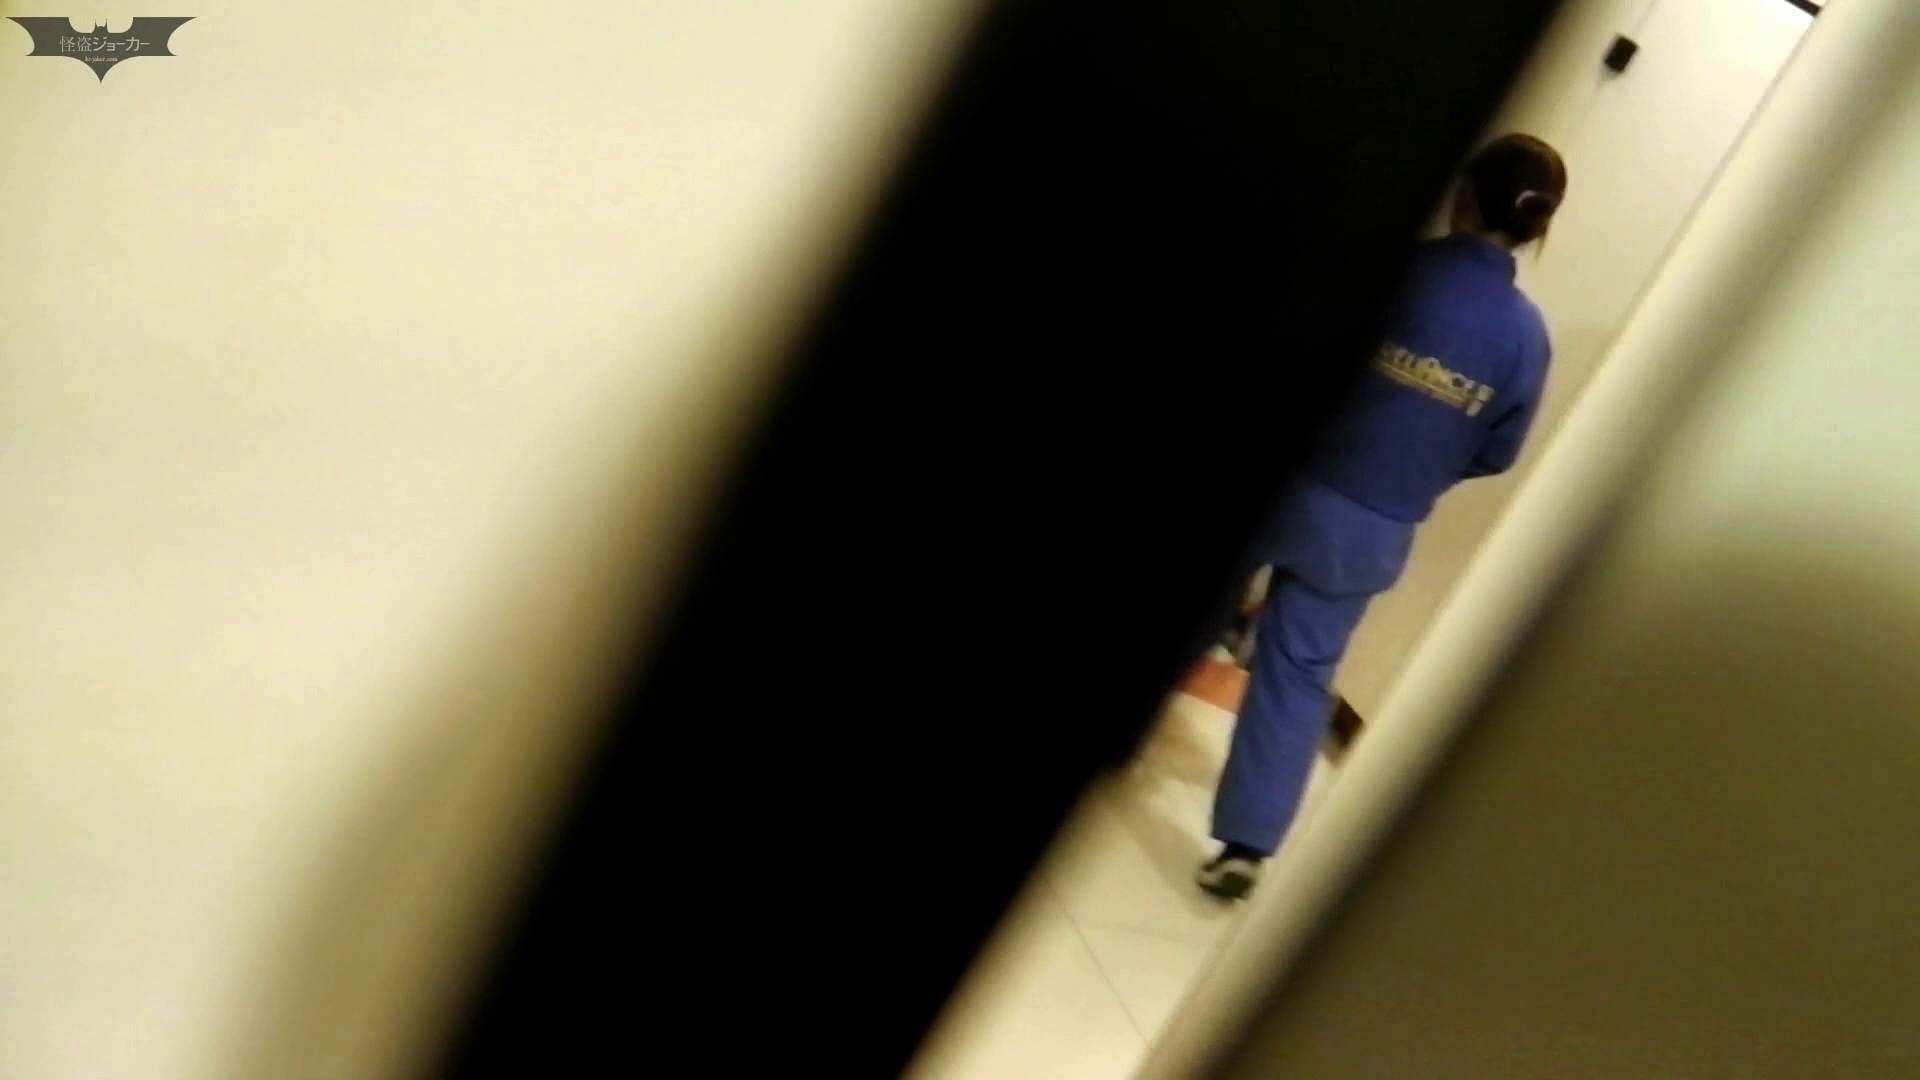 新世界の射窓 No64日本ギャル登場か?ハイヒール大特集! 洗面所着替え   ギャル・コレクション  95連発 32